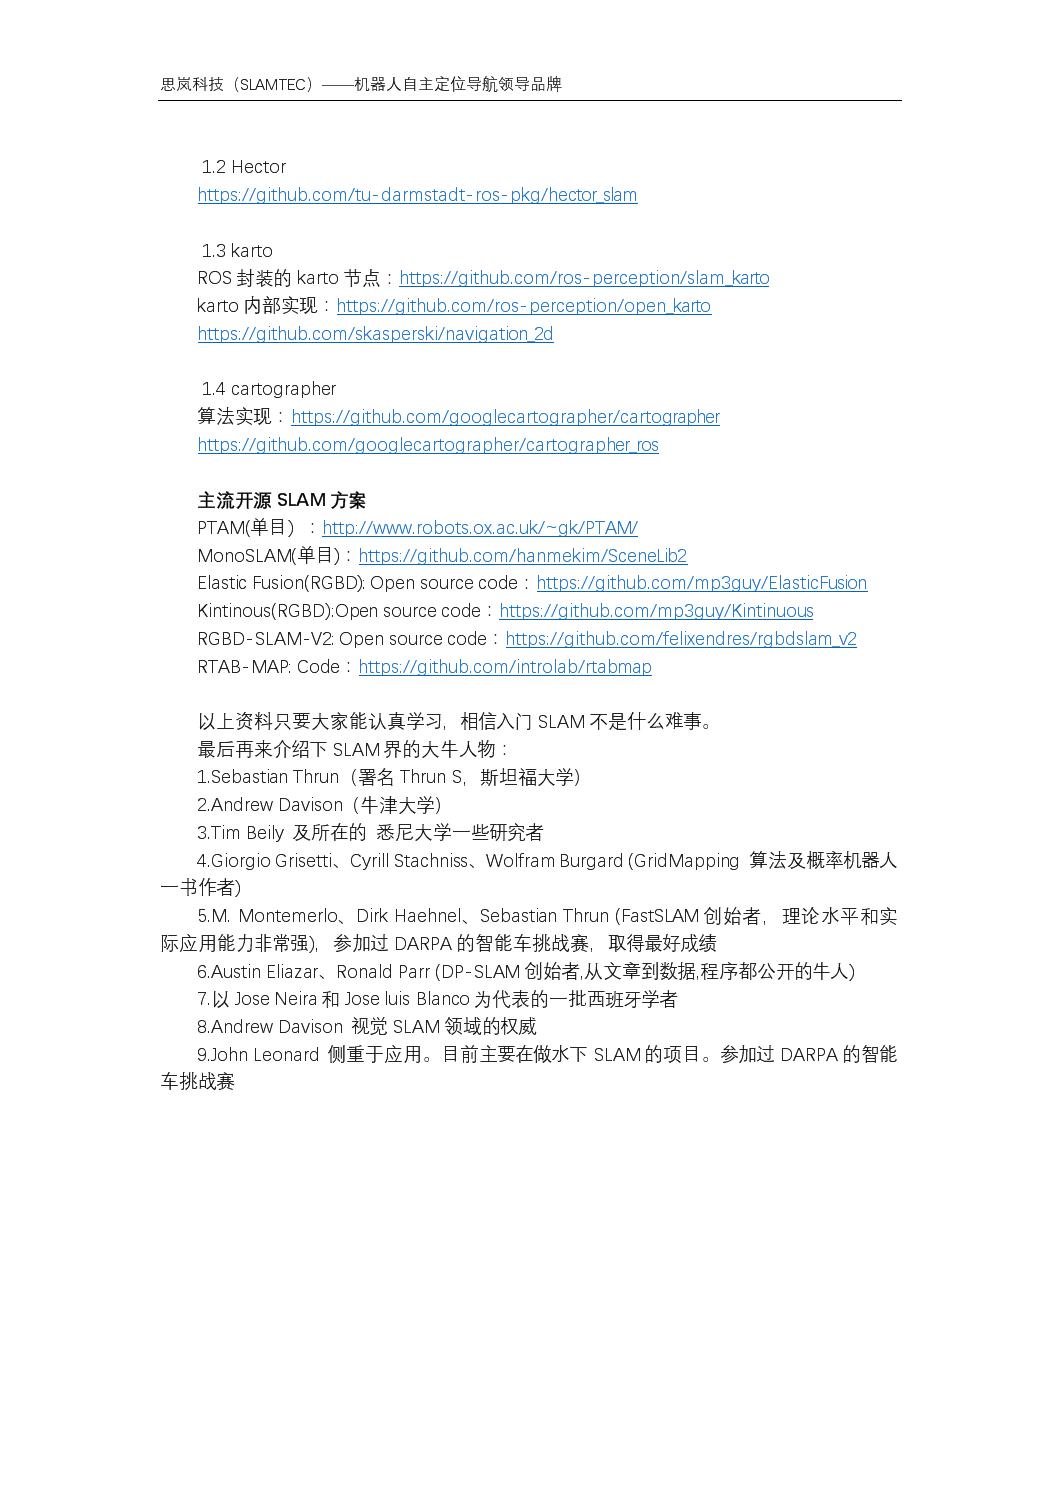 SLAM学习资料大全_IT168文库